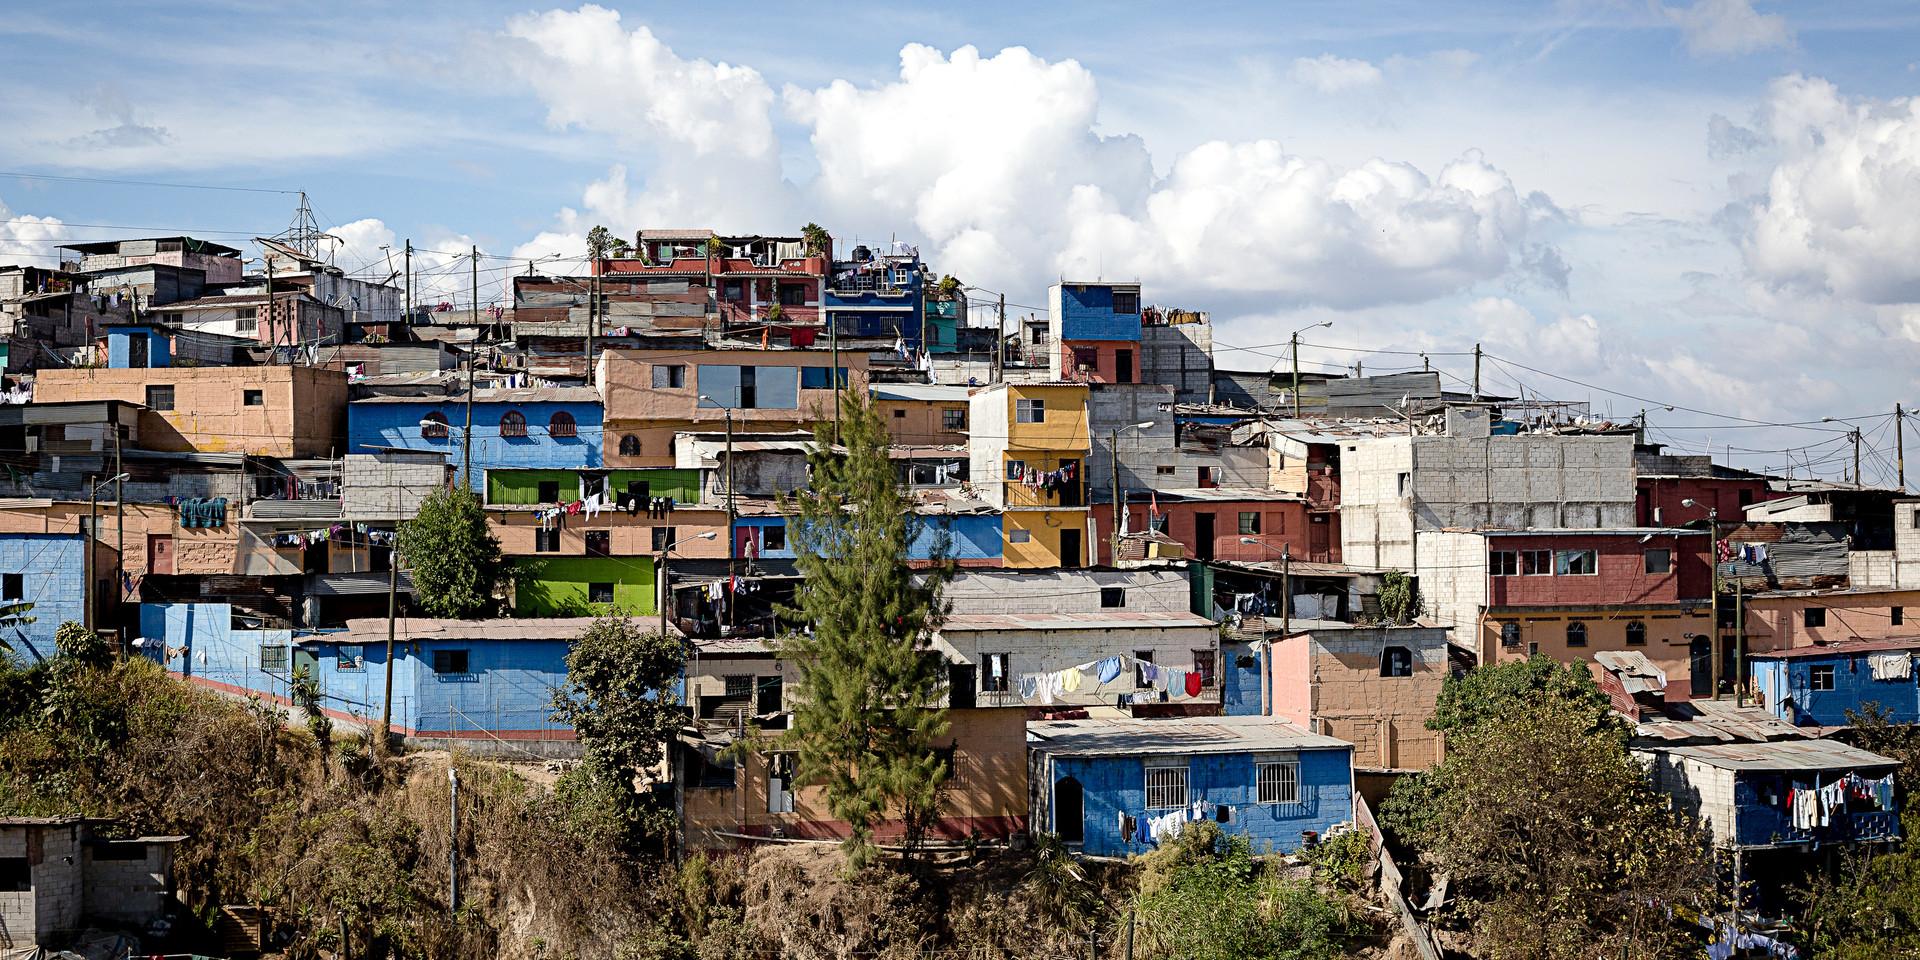 Common hillside community